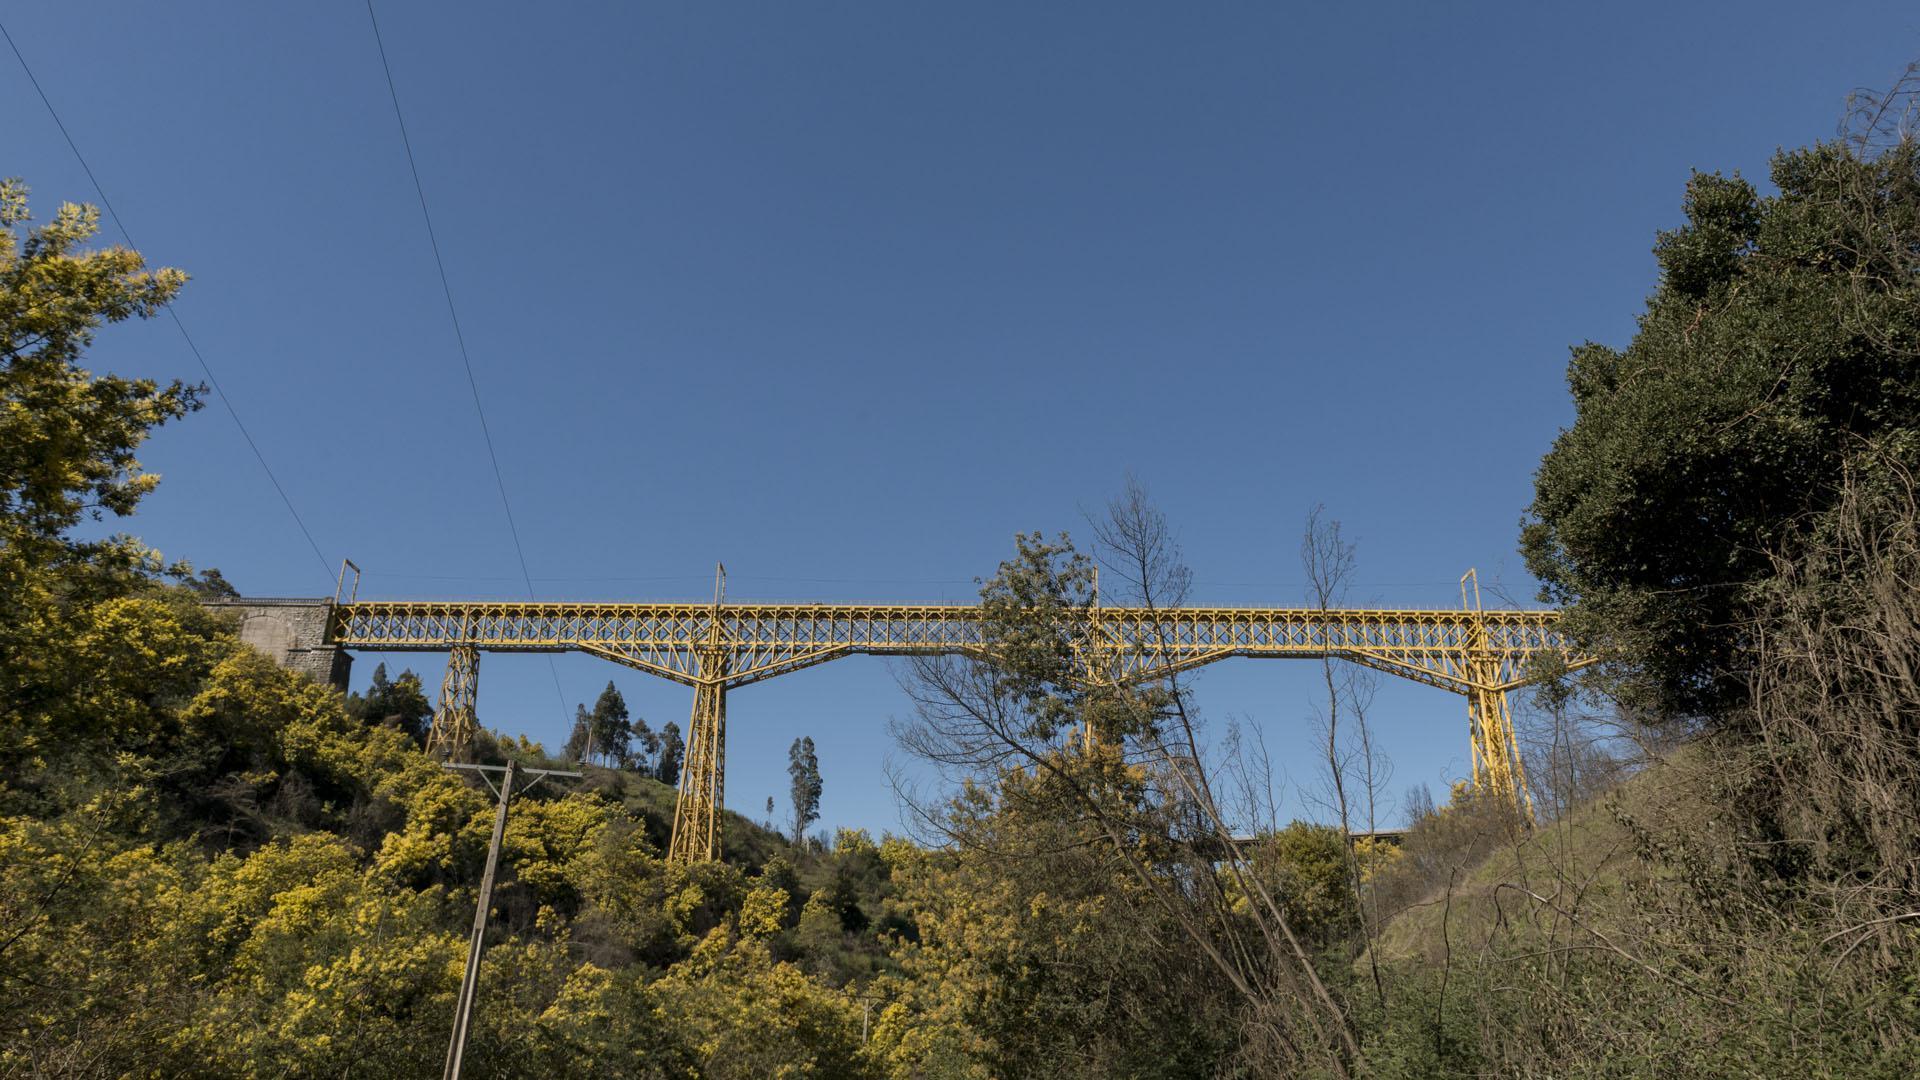 Imagen de Viaducto del Malleco